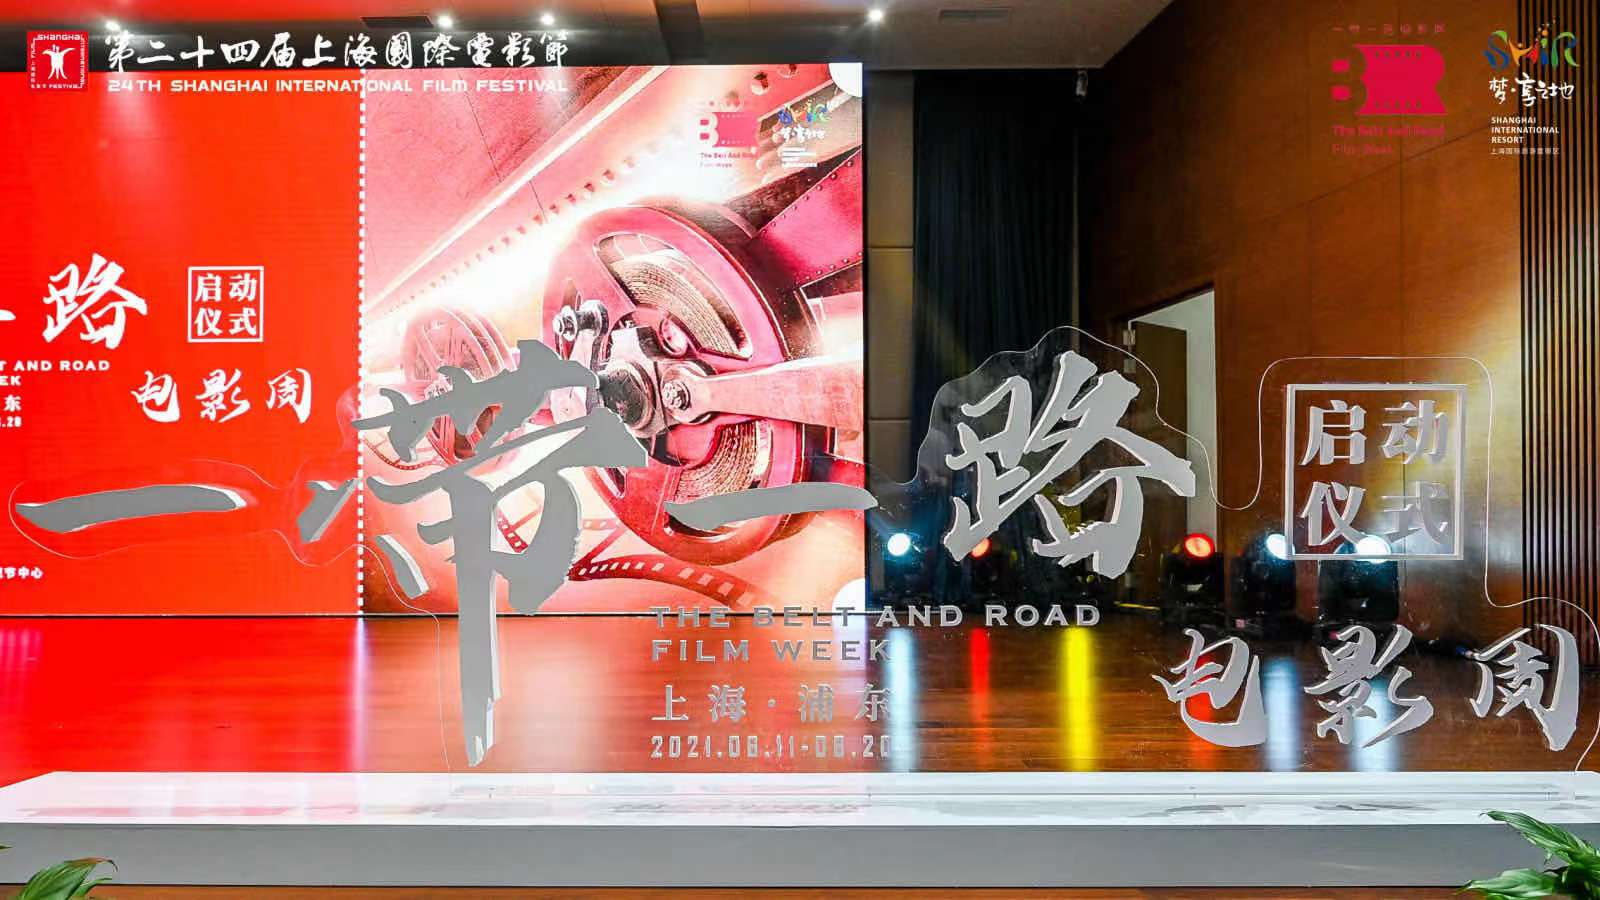 """""""一带一路""""电影周启动!上海国际旅游度假区瞄准5G数字影视创新应用,打造产业集群新高地"""